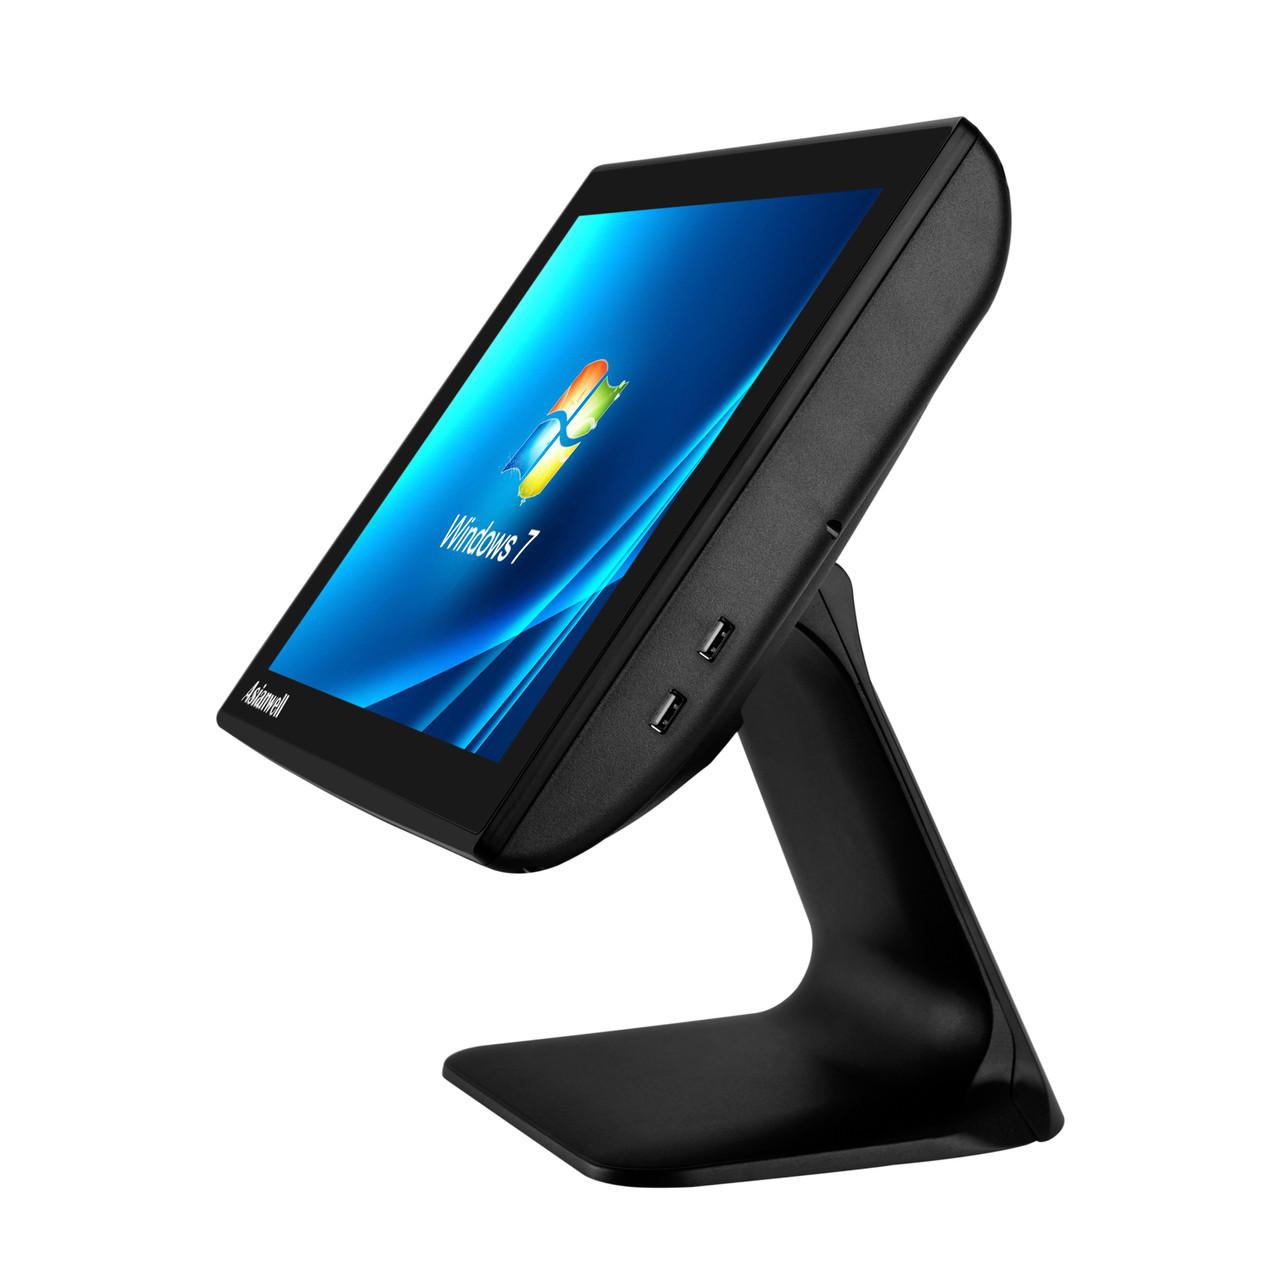 Сенсорний POS-монітор AW-T3A Android чорний (AW-T3A)